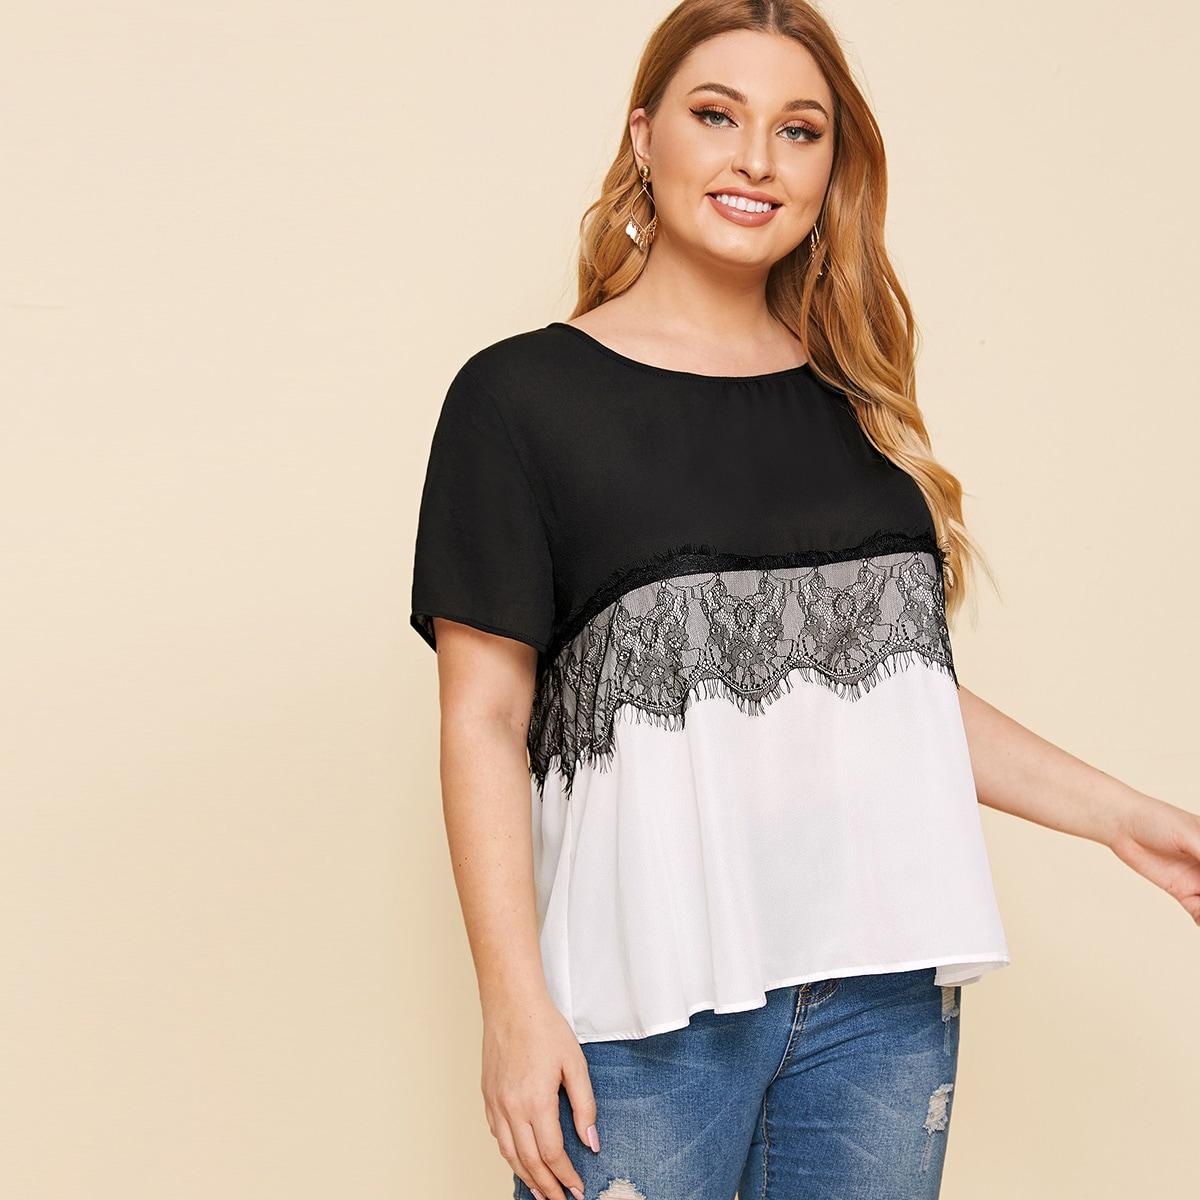 Чёрнобелые Контрастные кружева Контрастный цвет Повседневный Блузы размера плюс фото